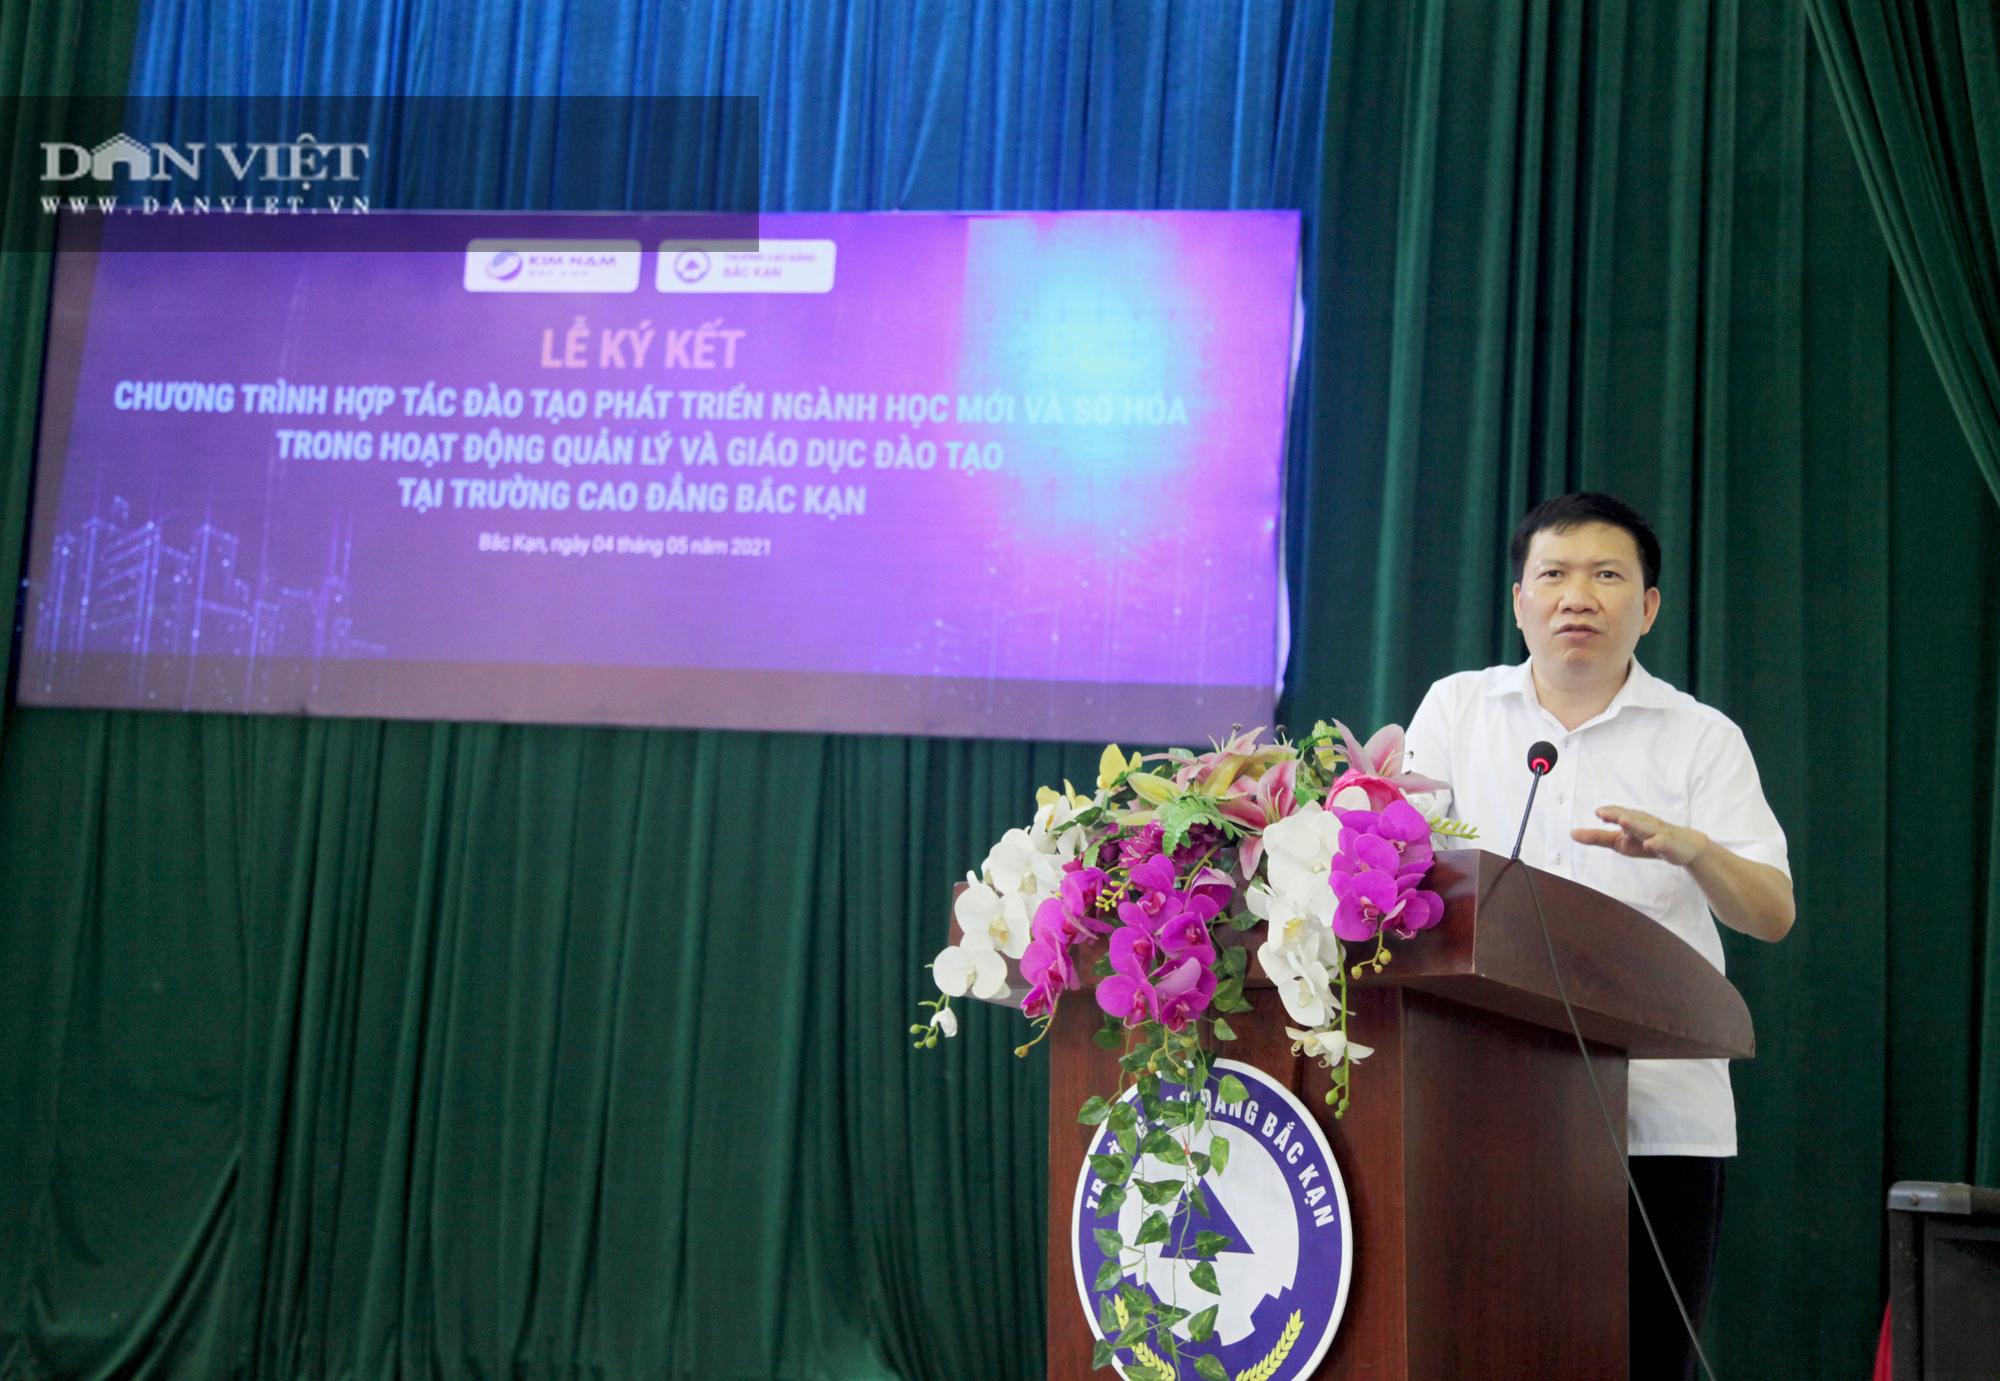 Bắc Kạn: Tập đoàn Kim Nam ký kế hợp tác cùng trường Cao đẳng Bắc Kạn - Ảnh 3.